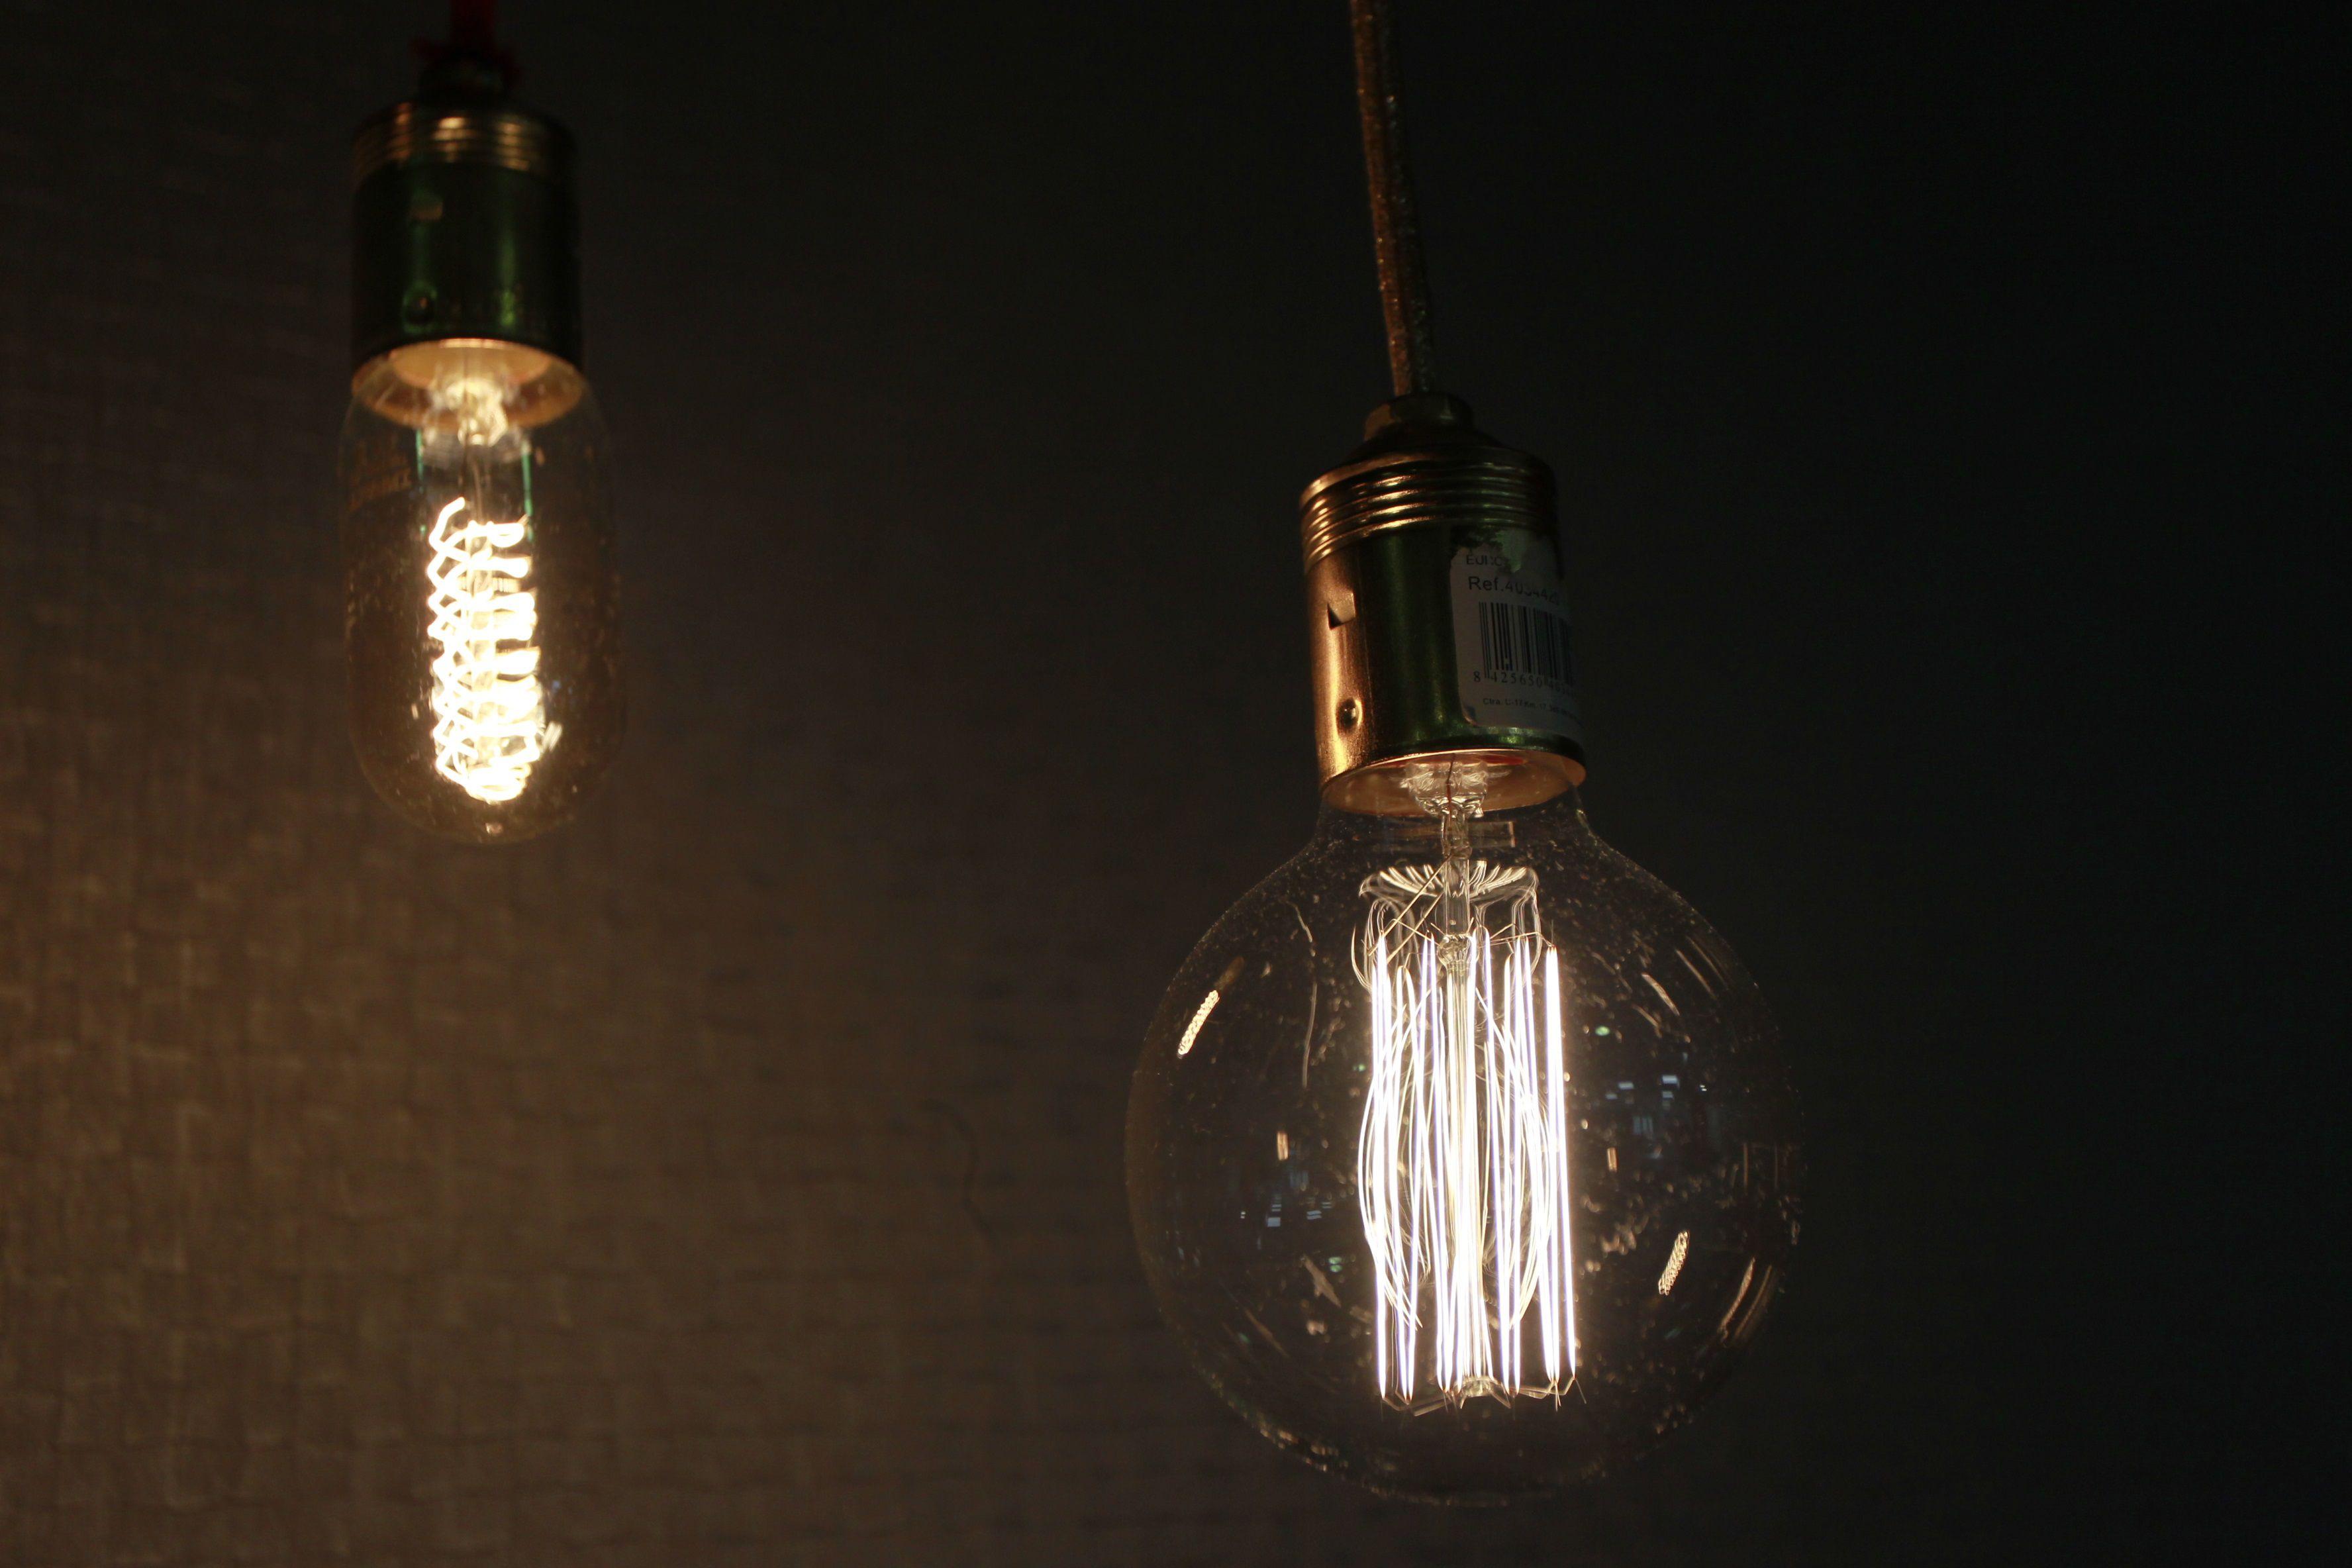 Prográmese con Infobae para saber si su barrio o localidad será afectada por cortes de luz. Foto: EUROPA ESPAÑA EMPRESAS ECONOMIA